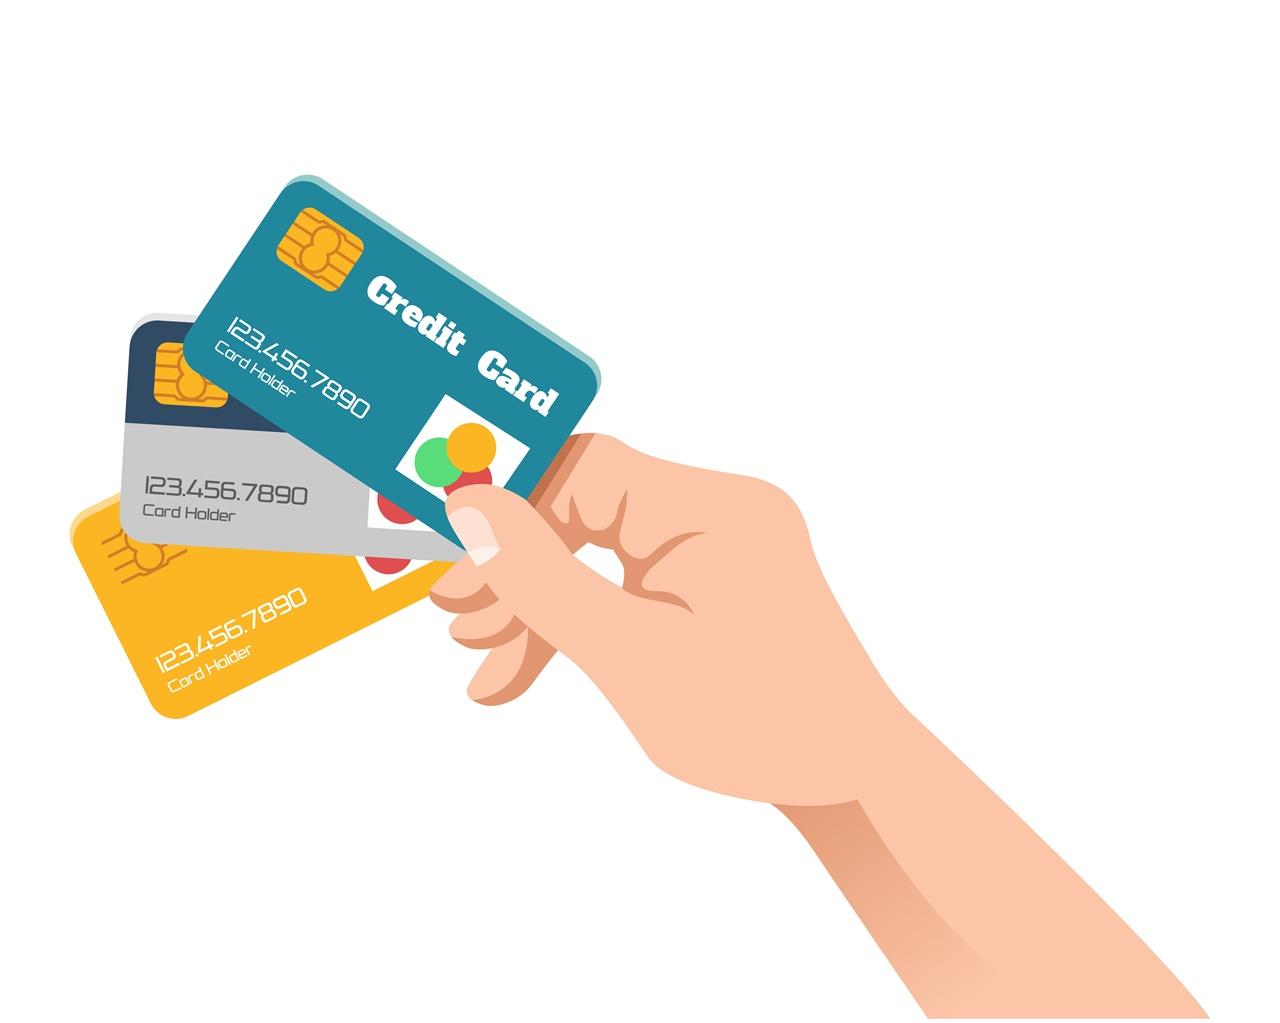 Cara Menutup Kartu Kredit Bank Mega, Mudah untuk Dilakukan, Nyaman untuk Dijalankan